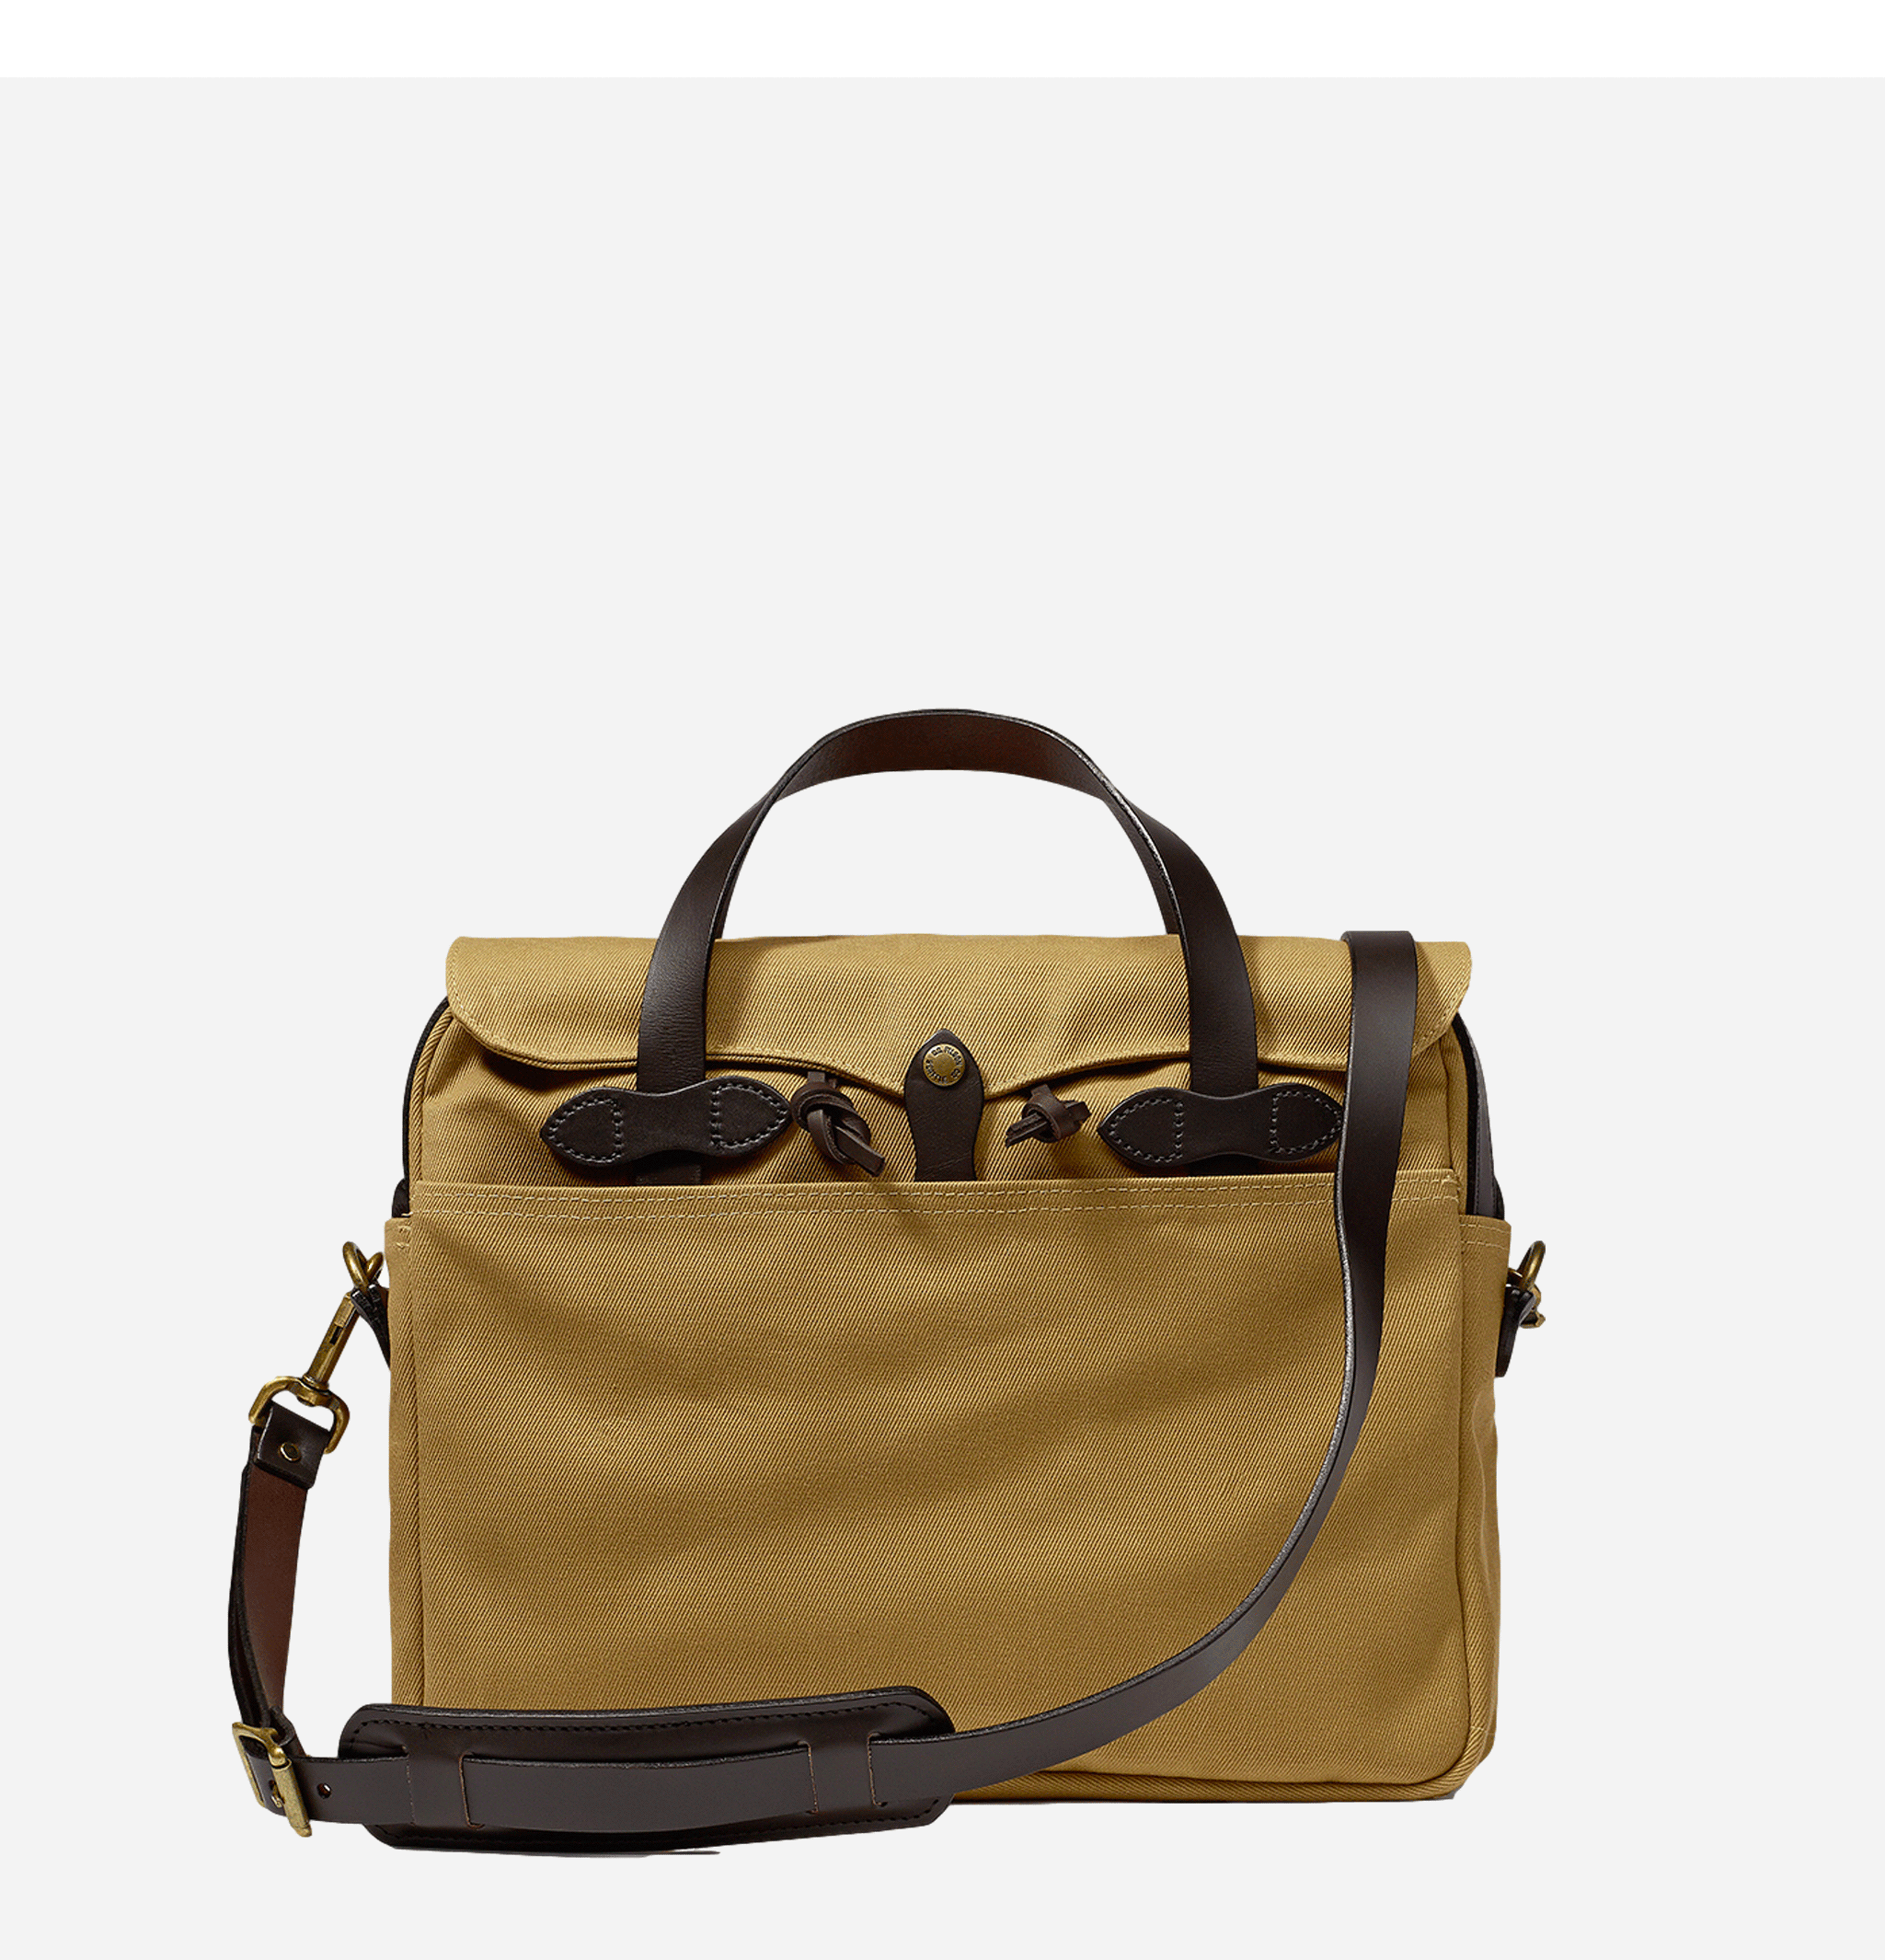 70256 - Original Briefcase Tan